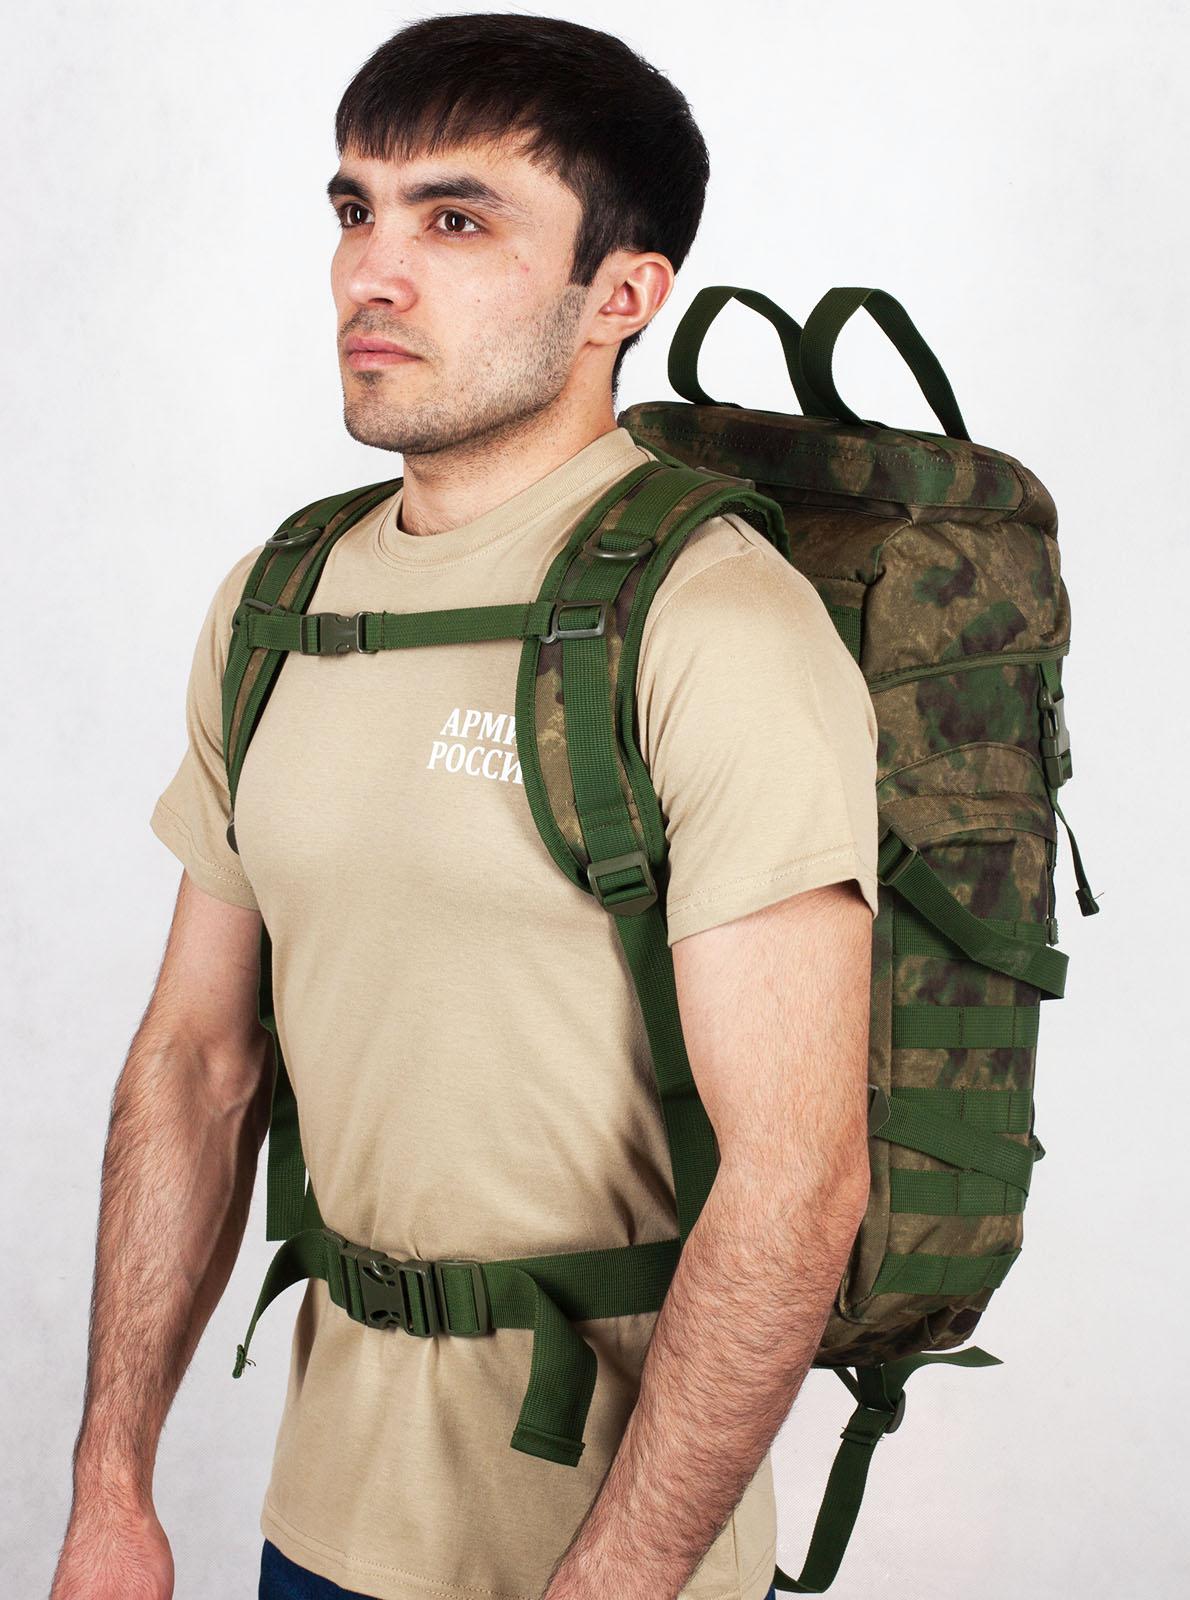 Армейский заплечный рюкзак MultiCam A-TACS FG МВД - заказать с доставкой